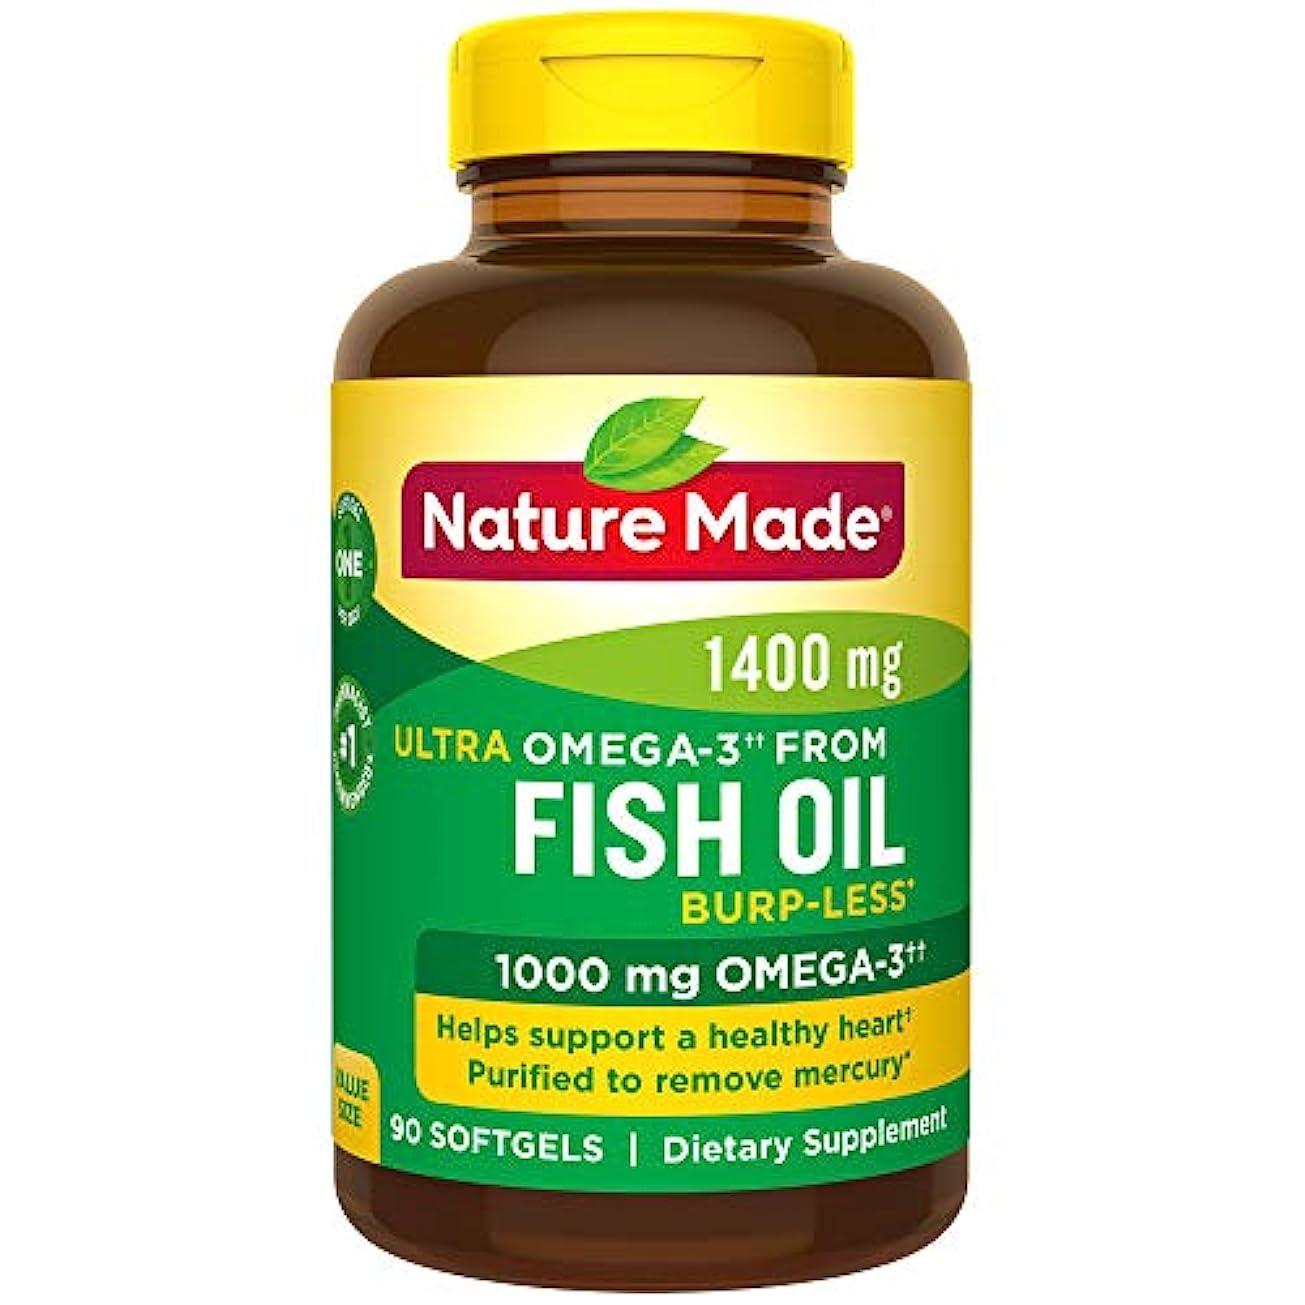 制裁入札棚Nature Made Ultra Omega-3 Fish Oil Value Size Softgel, 1400 mg, 90 Count 海外直送品